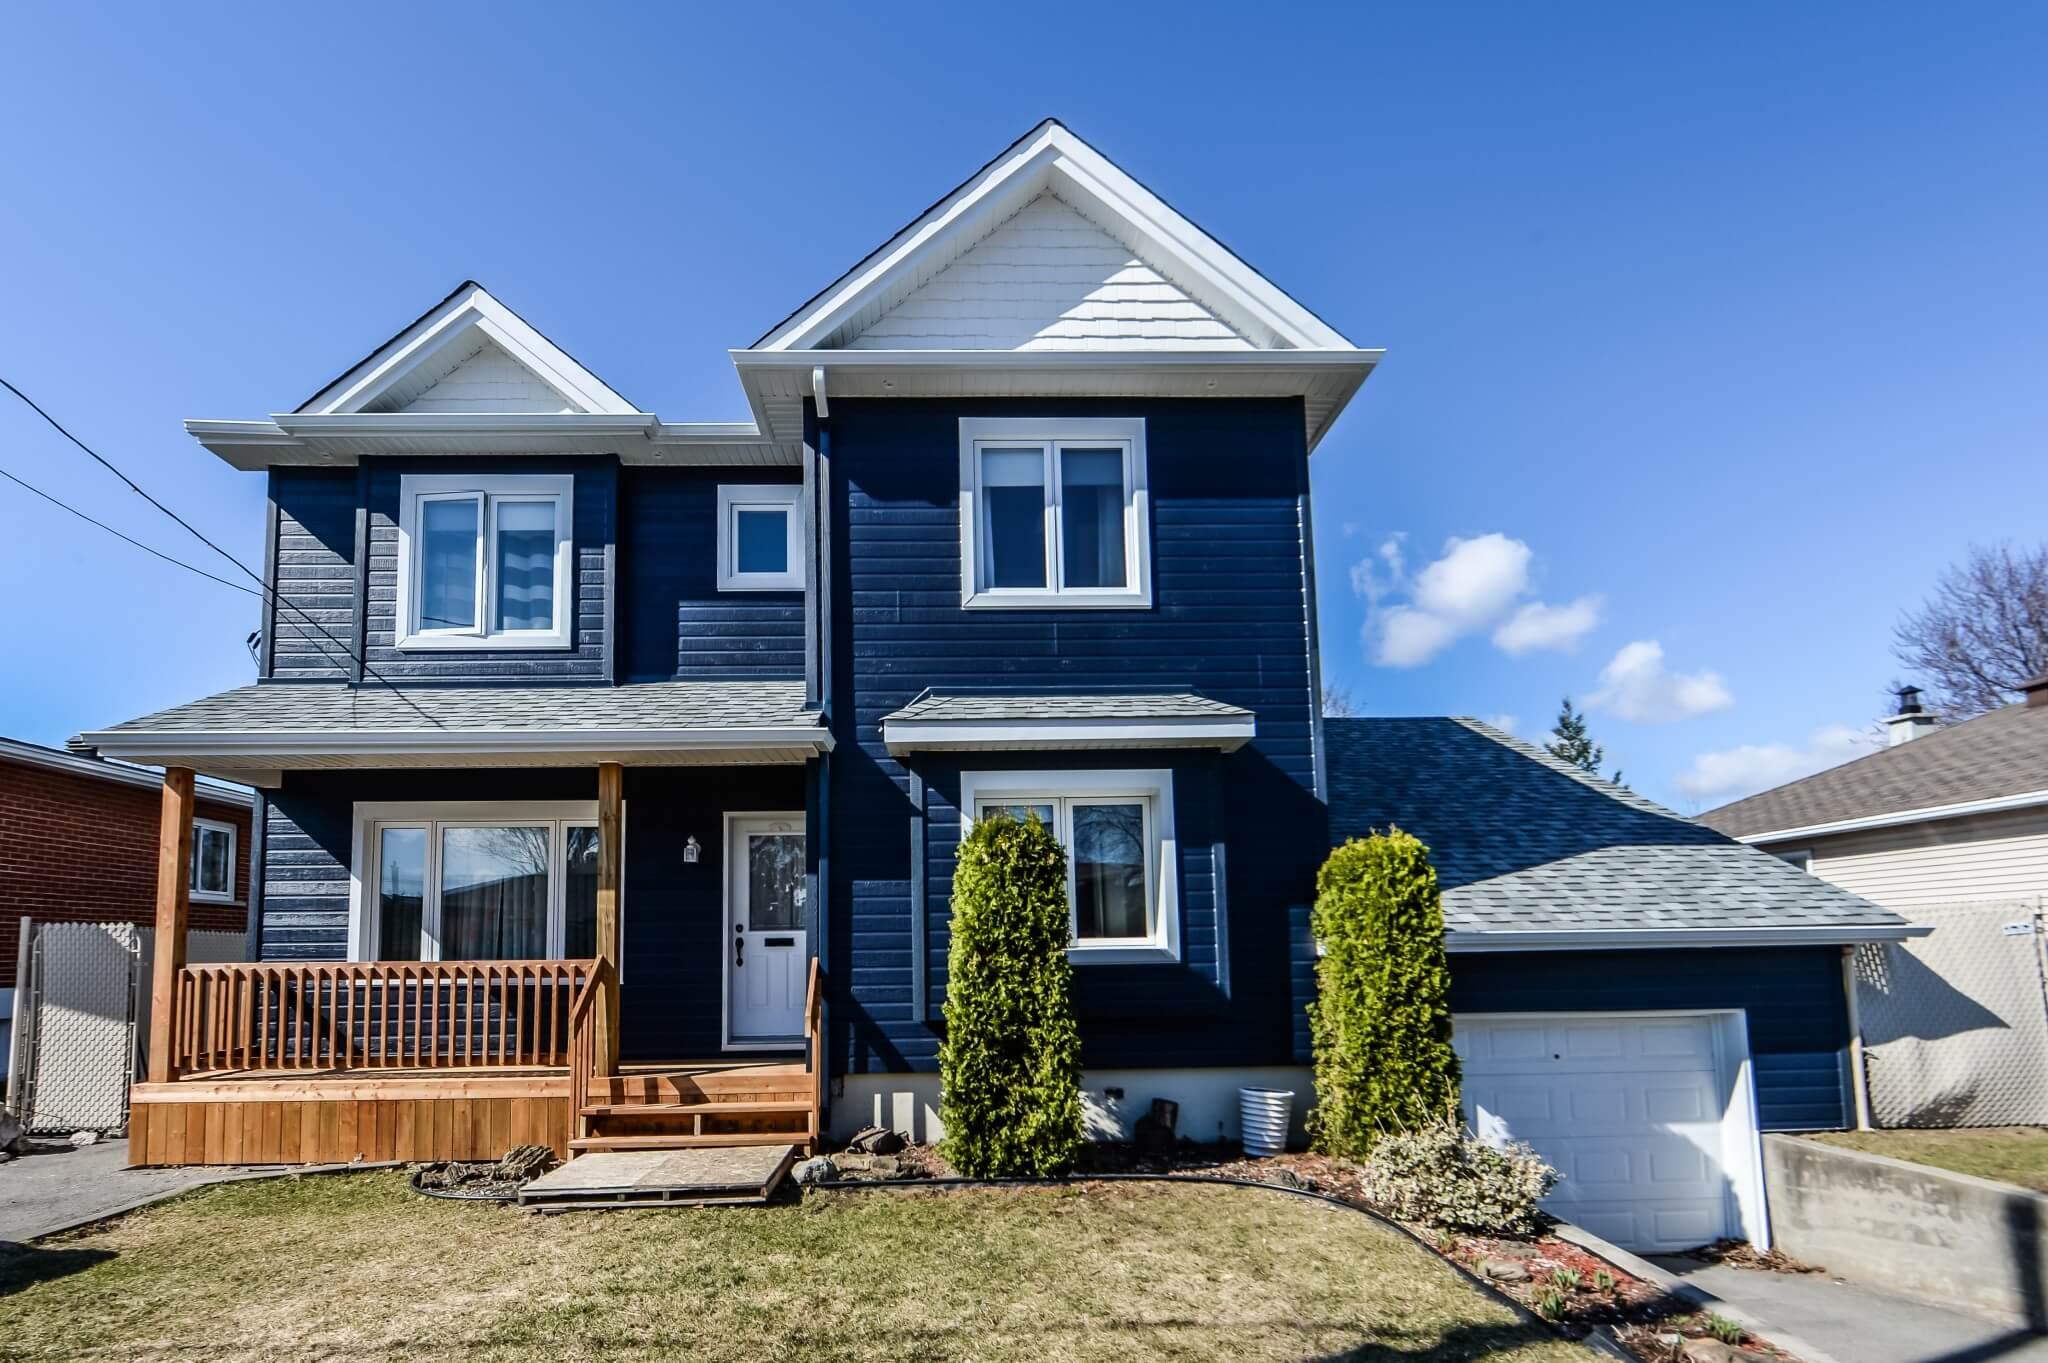 maison bleue avec agrandissement de maison